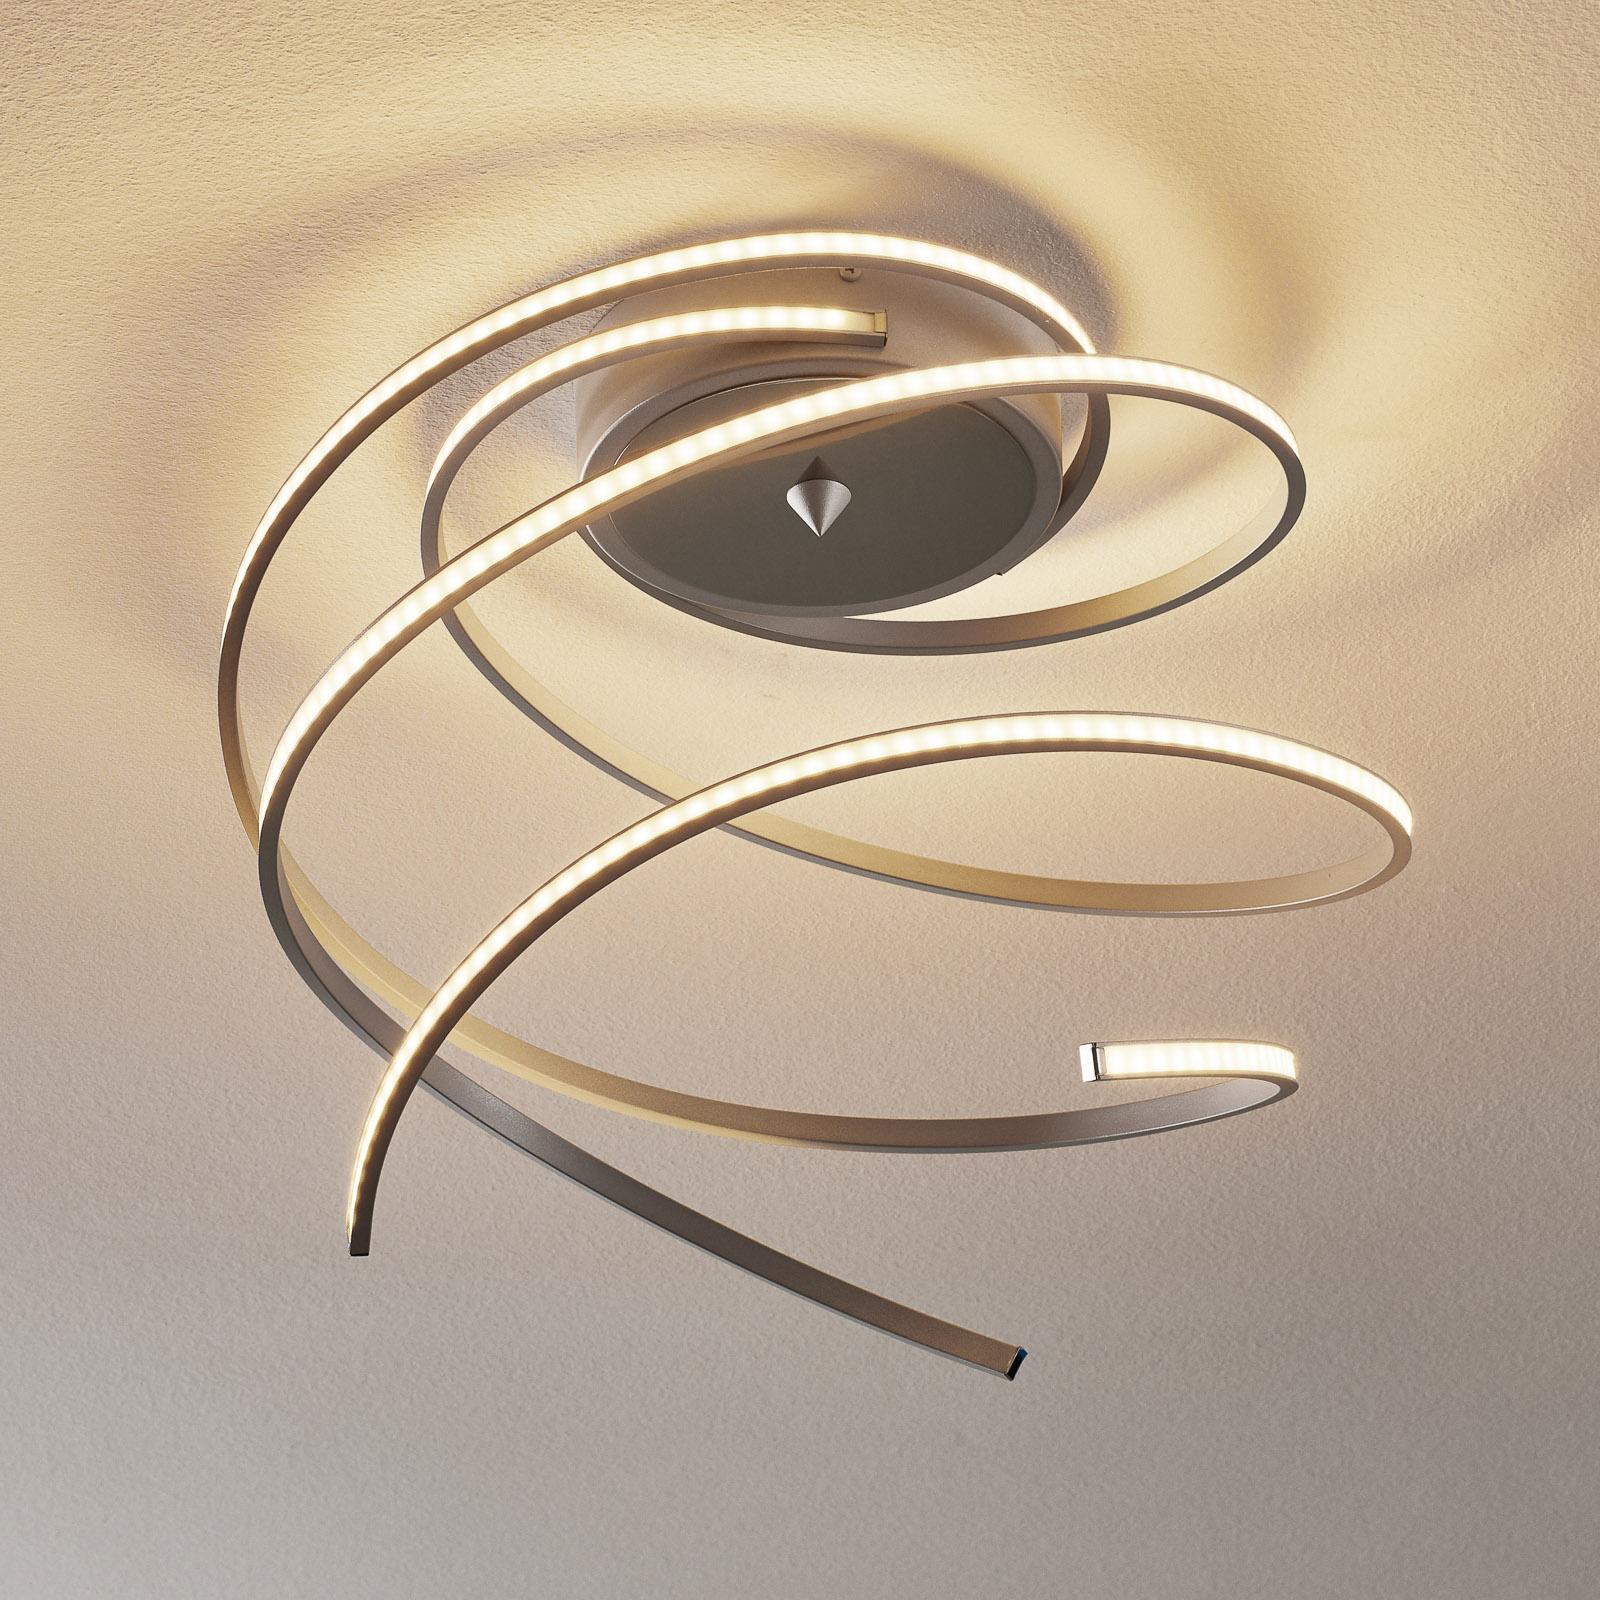 Lungo LED-taklampe 3-armet alu med fjernk.